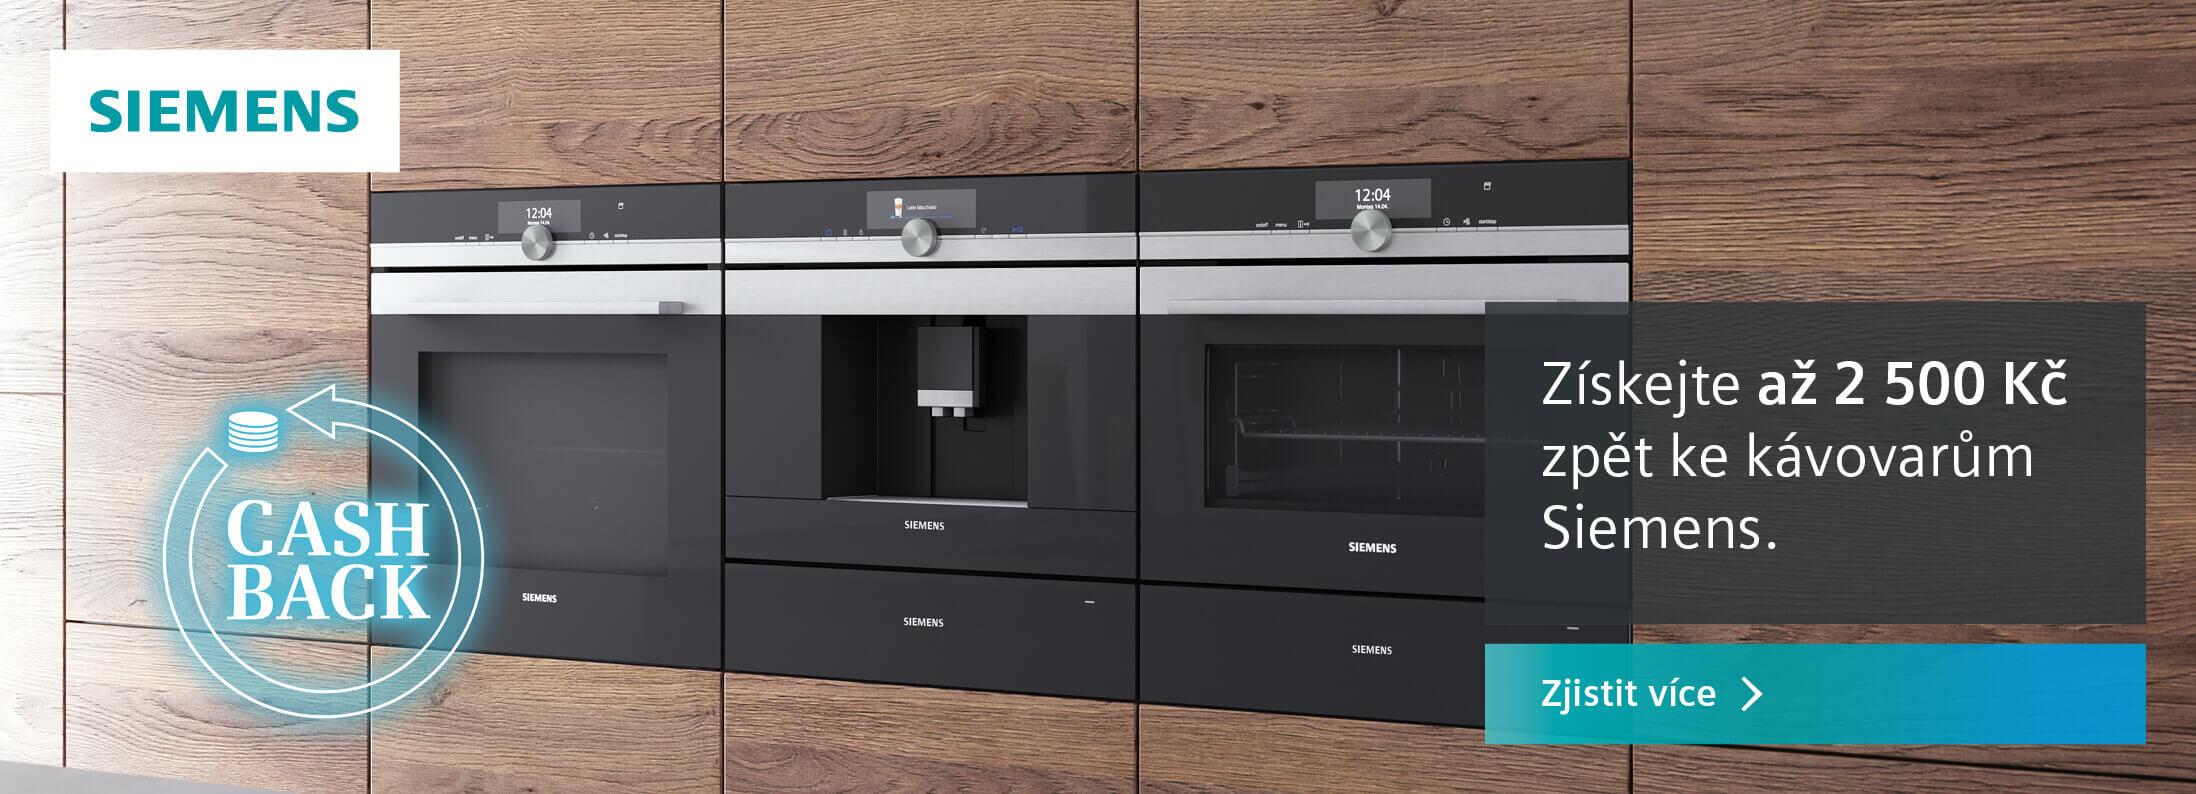 Siemens - Cashback vestavné kávovary